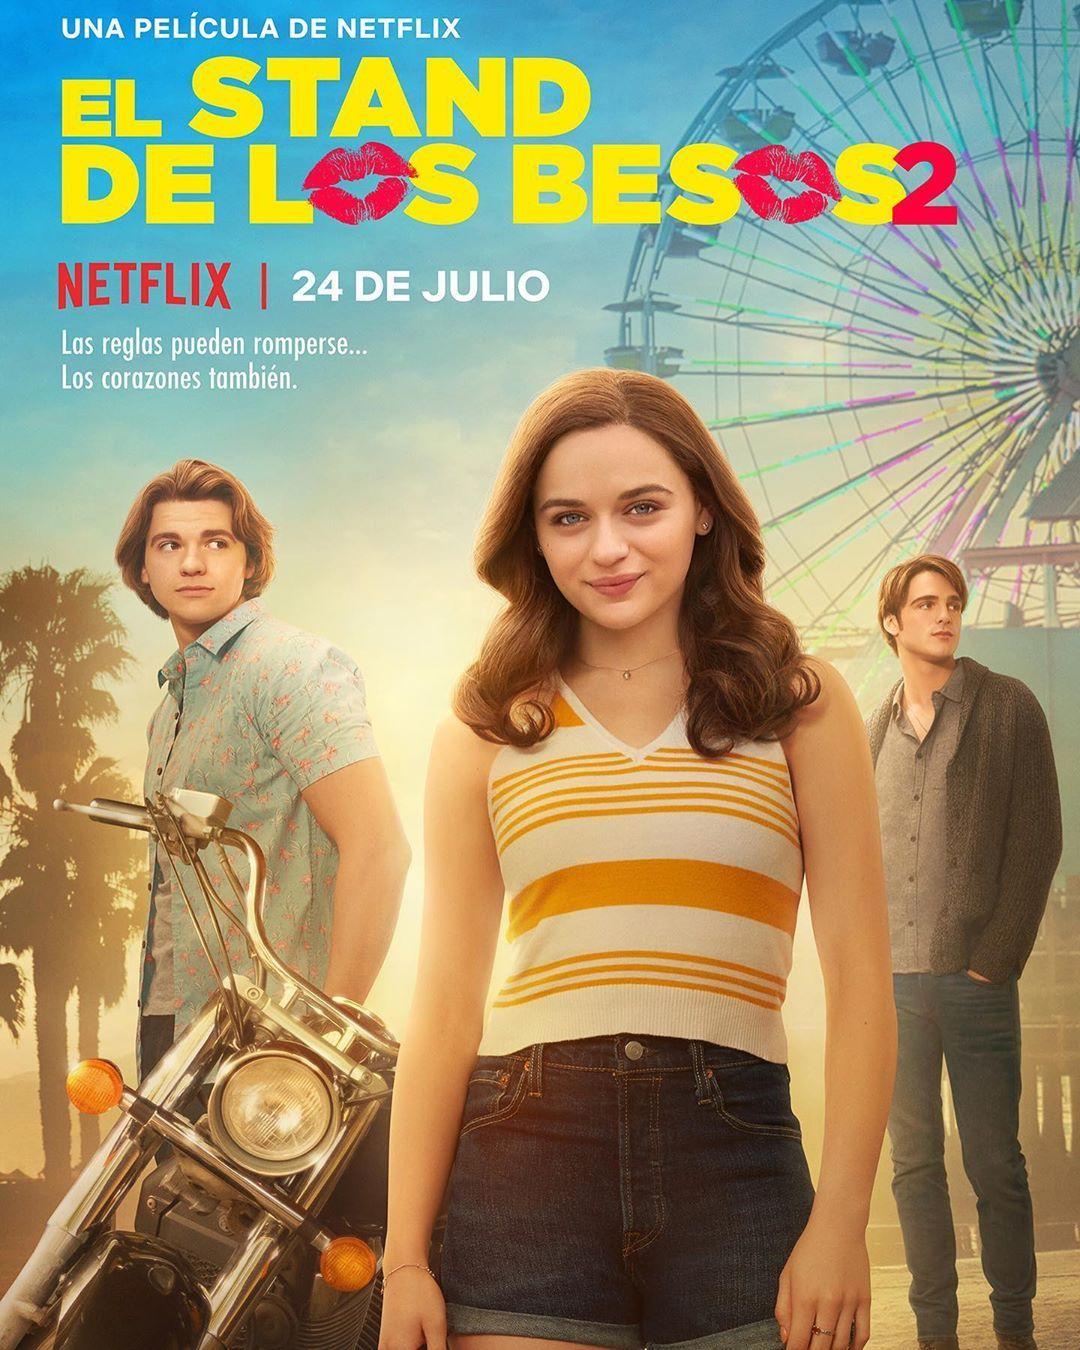 791 8 Mil Curtidas 20 6 Mil Comentarios Netflix Latinoamerica Netflixlat No Instagram El Stand De Los Beso In 2020 Kissing Booth Romantic Movies Joey King